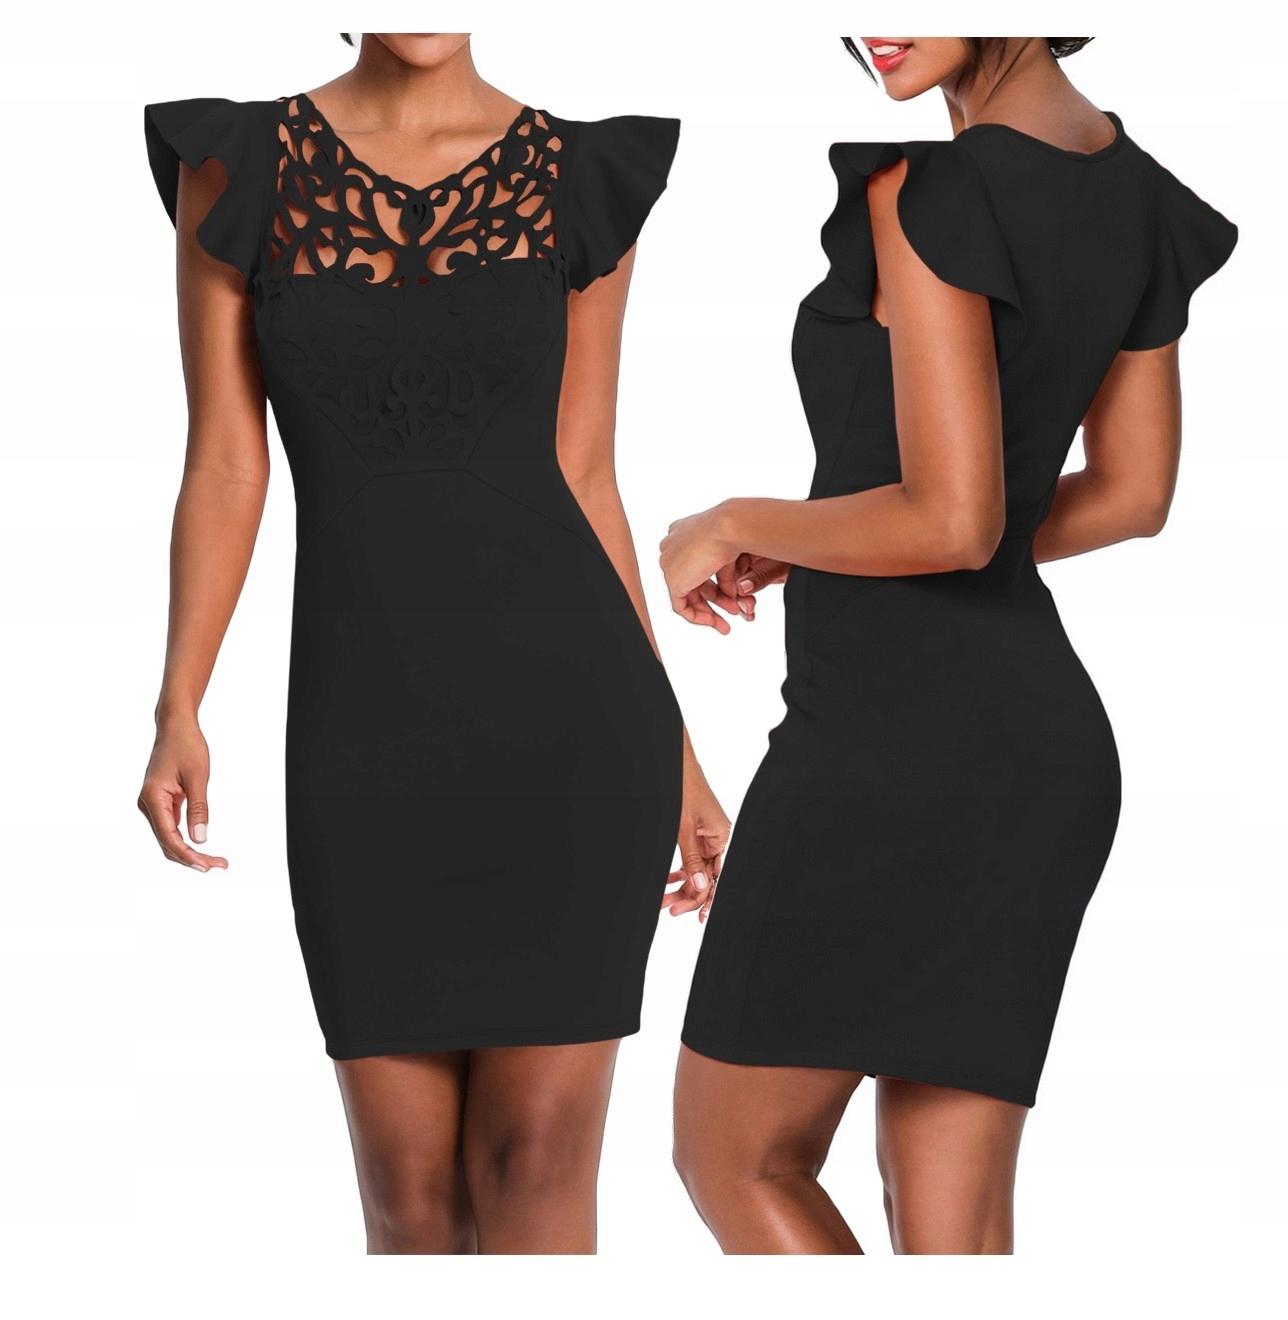 d93b1d40f2 Sukienka koktajlowa czarna strapsy 220287 XL 42 - 7447983451 ...